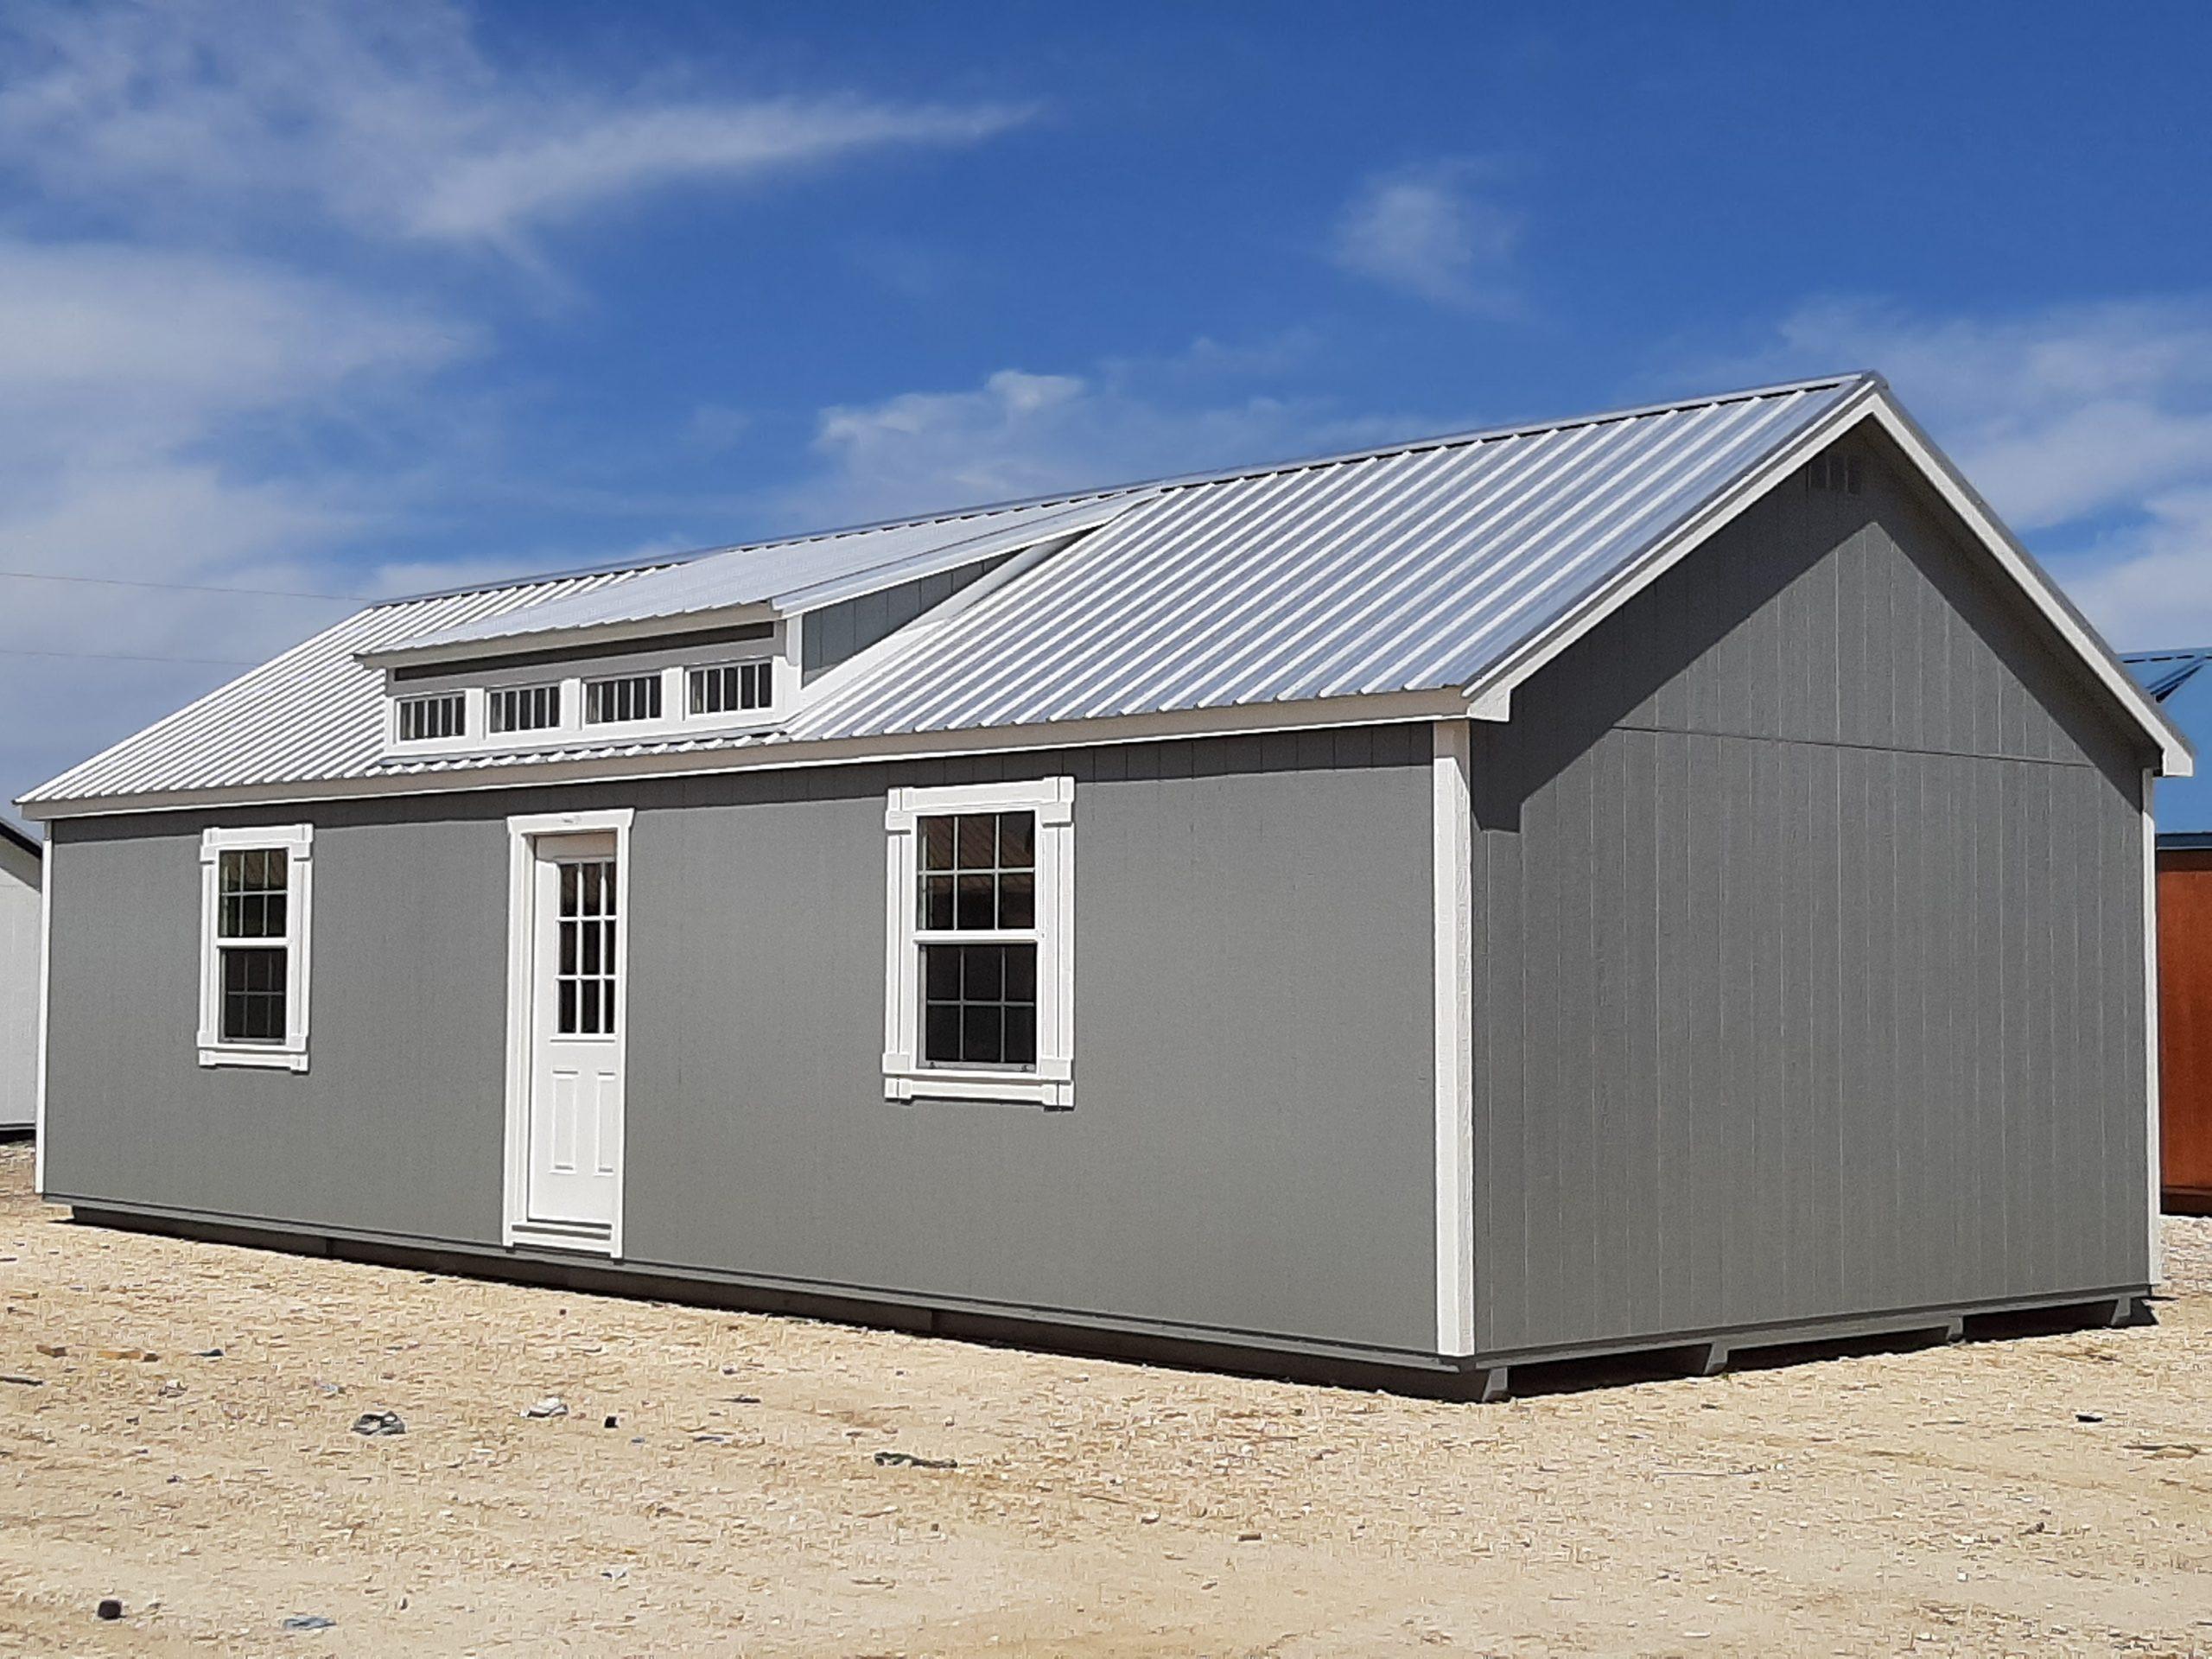 16x40 Dormer Cabin #2410 Image